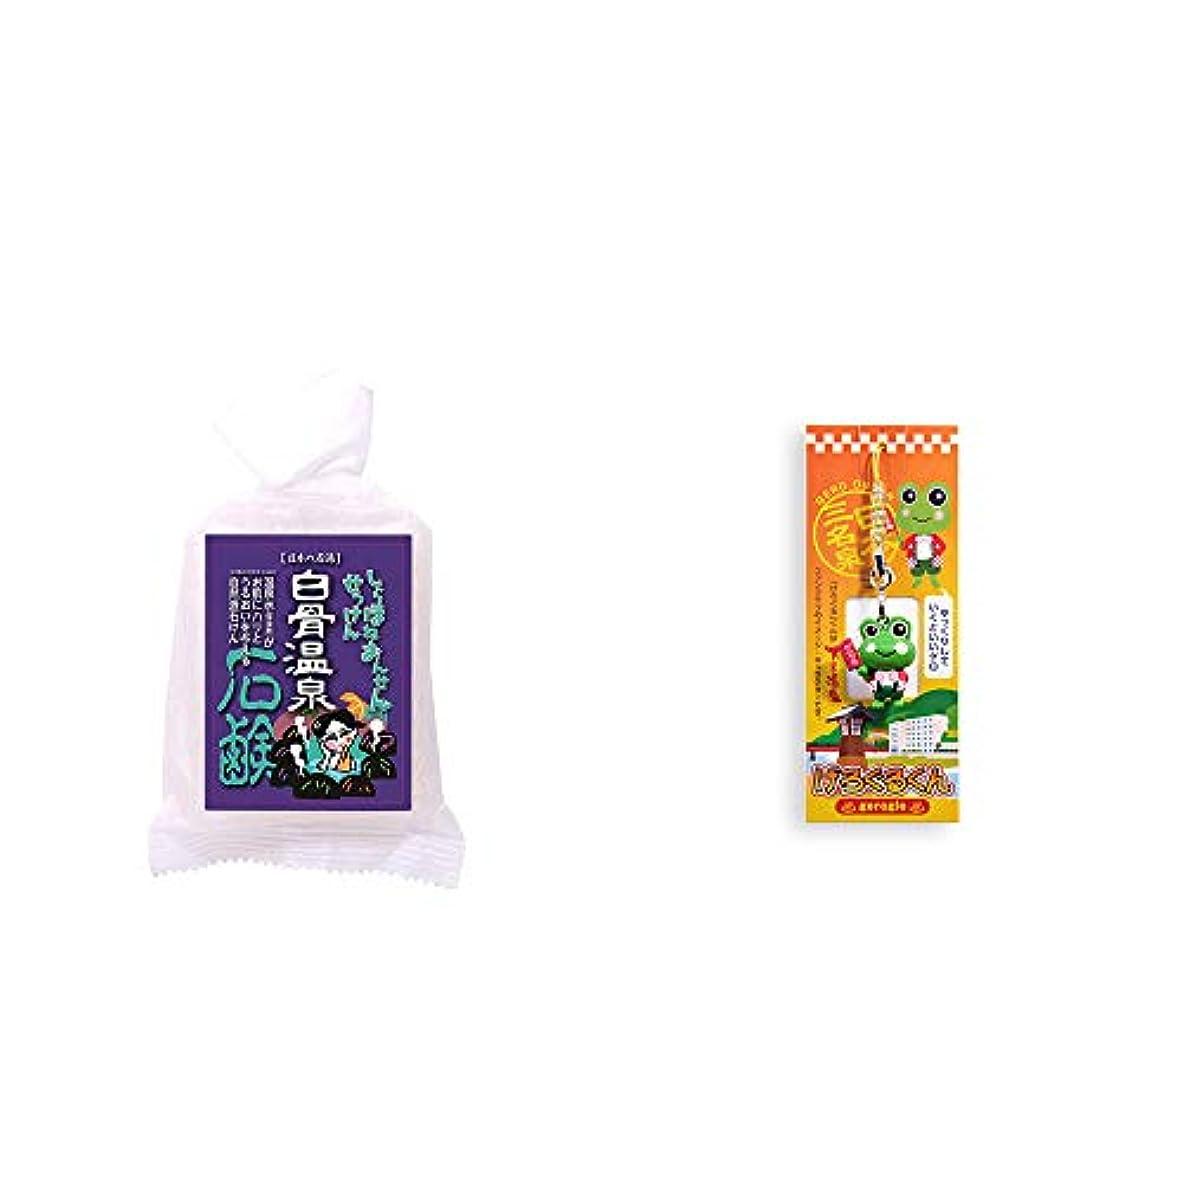 騒々しい影増幅[2点セット] 信州 白骨温泉石鹸(80g)?下呂温泉ファンクラブのイメージキャラクター げろぐるくんストラップ